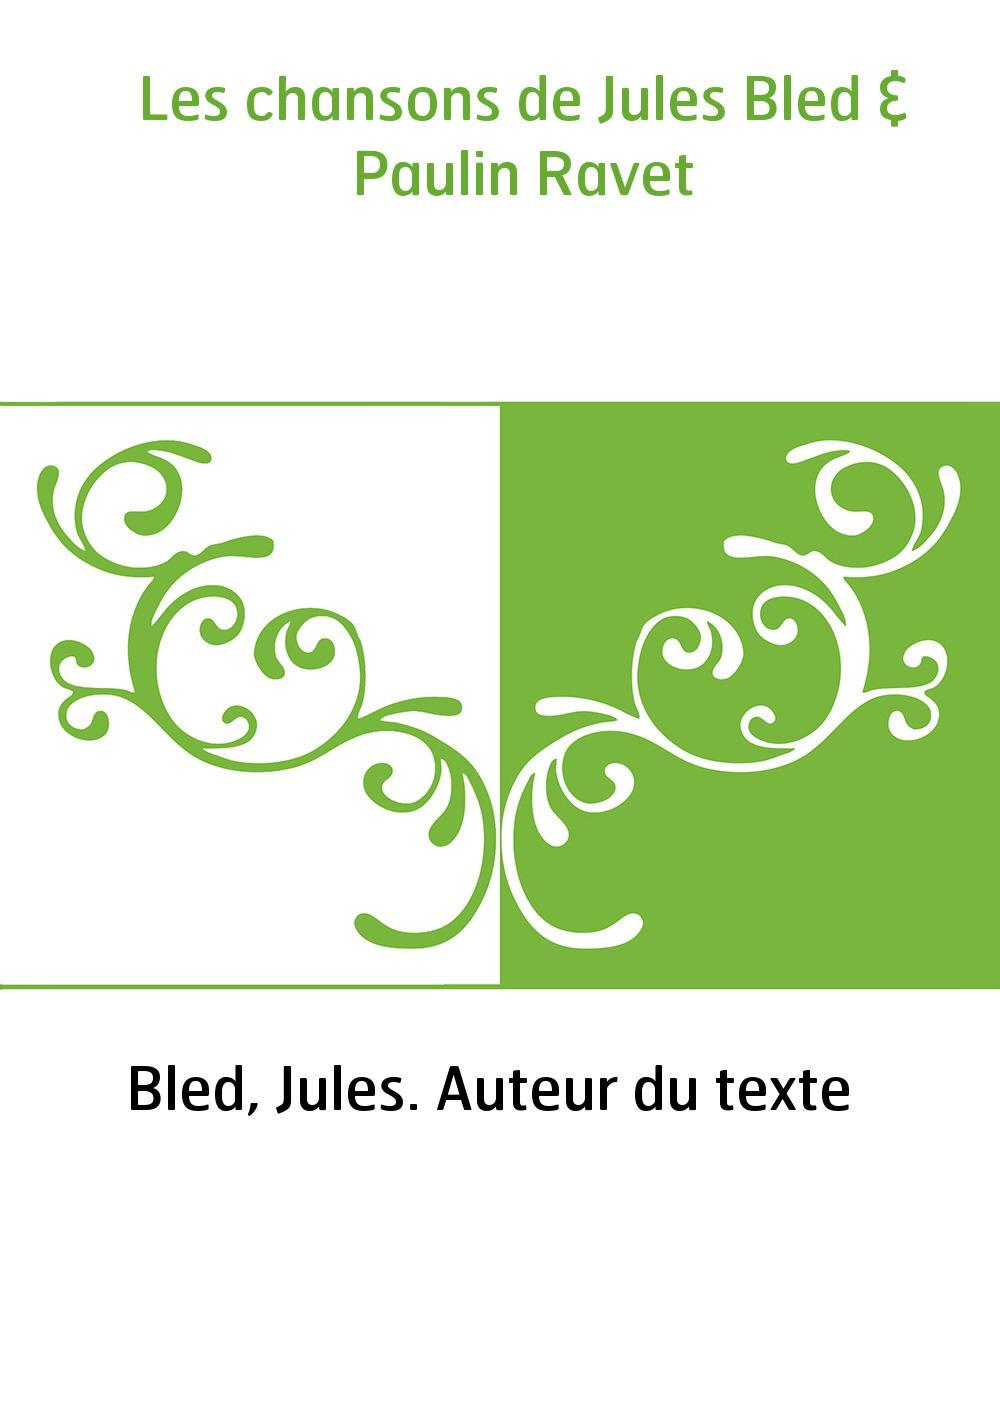 Les chansons de Jules Bled & Paulin Ravet